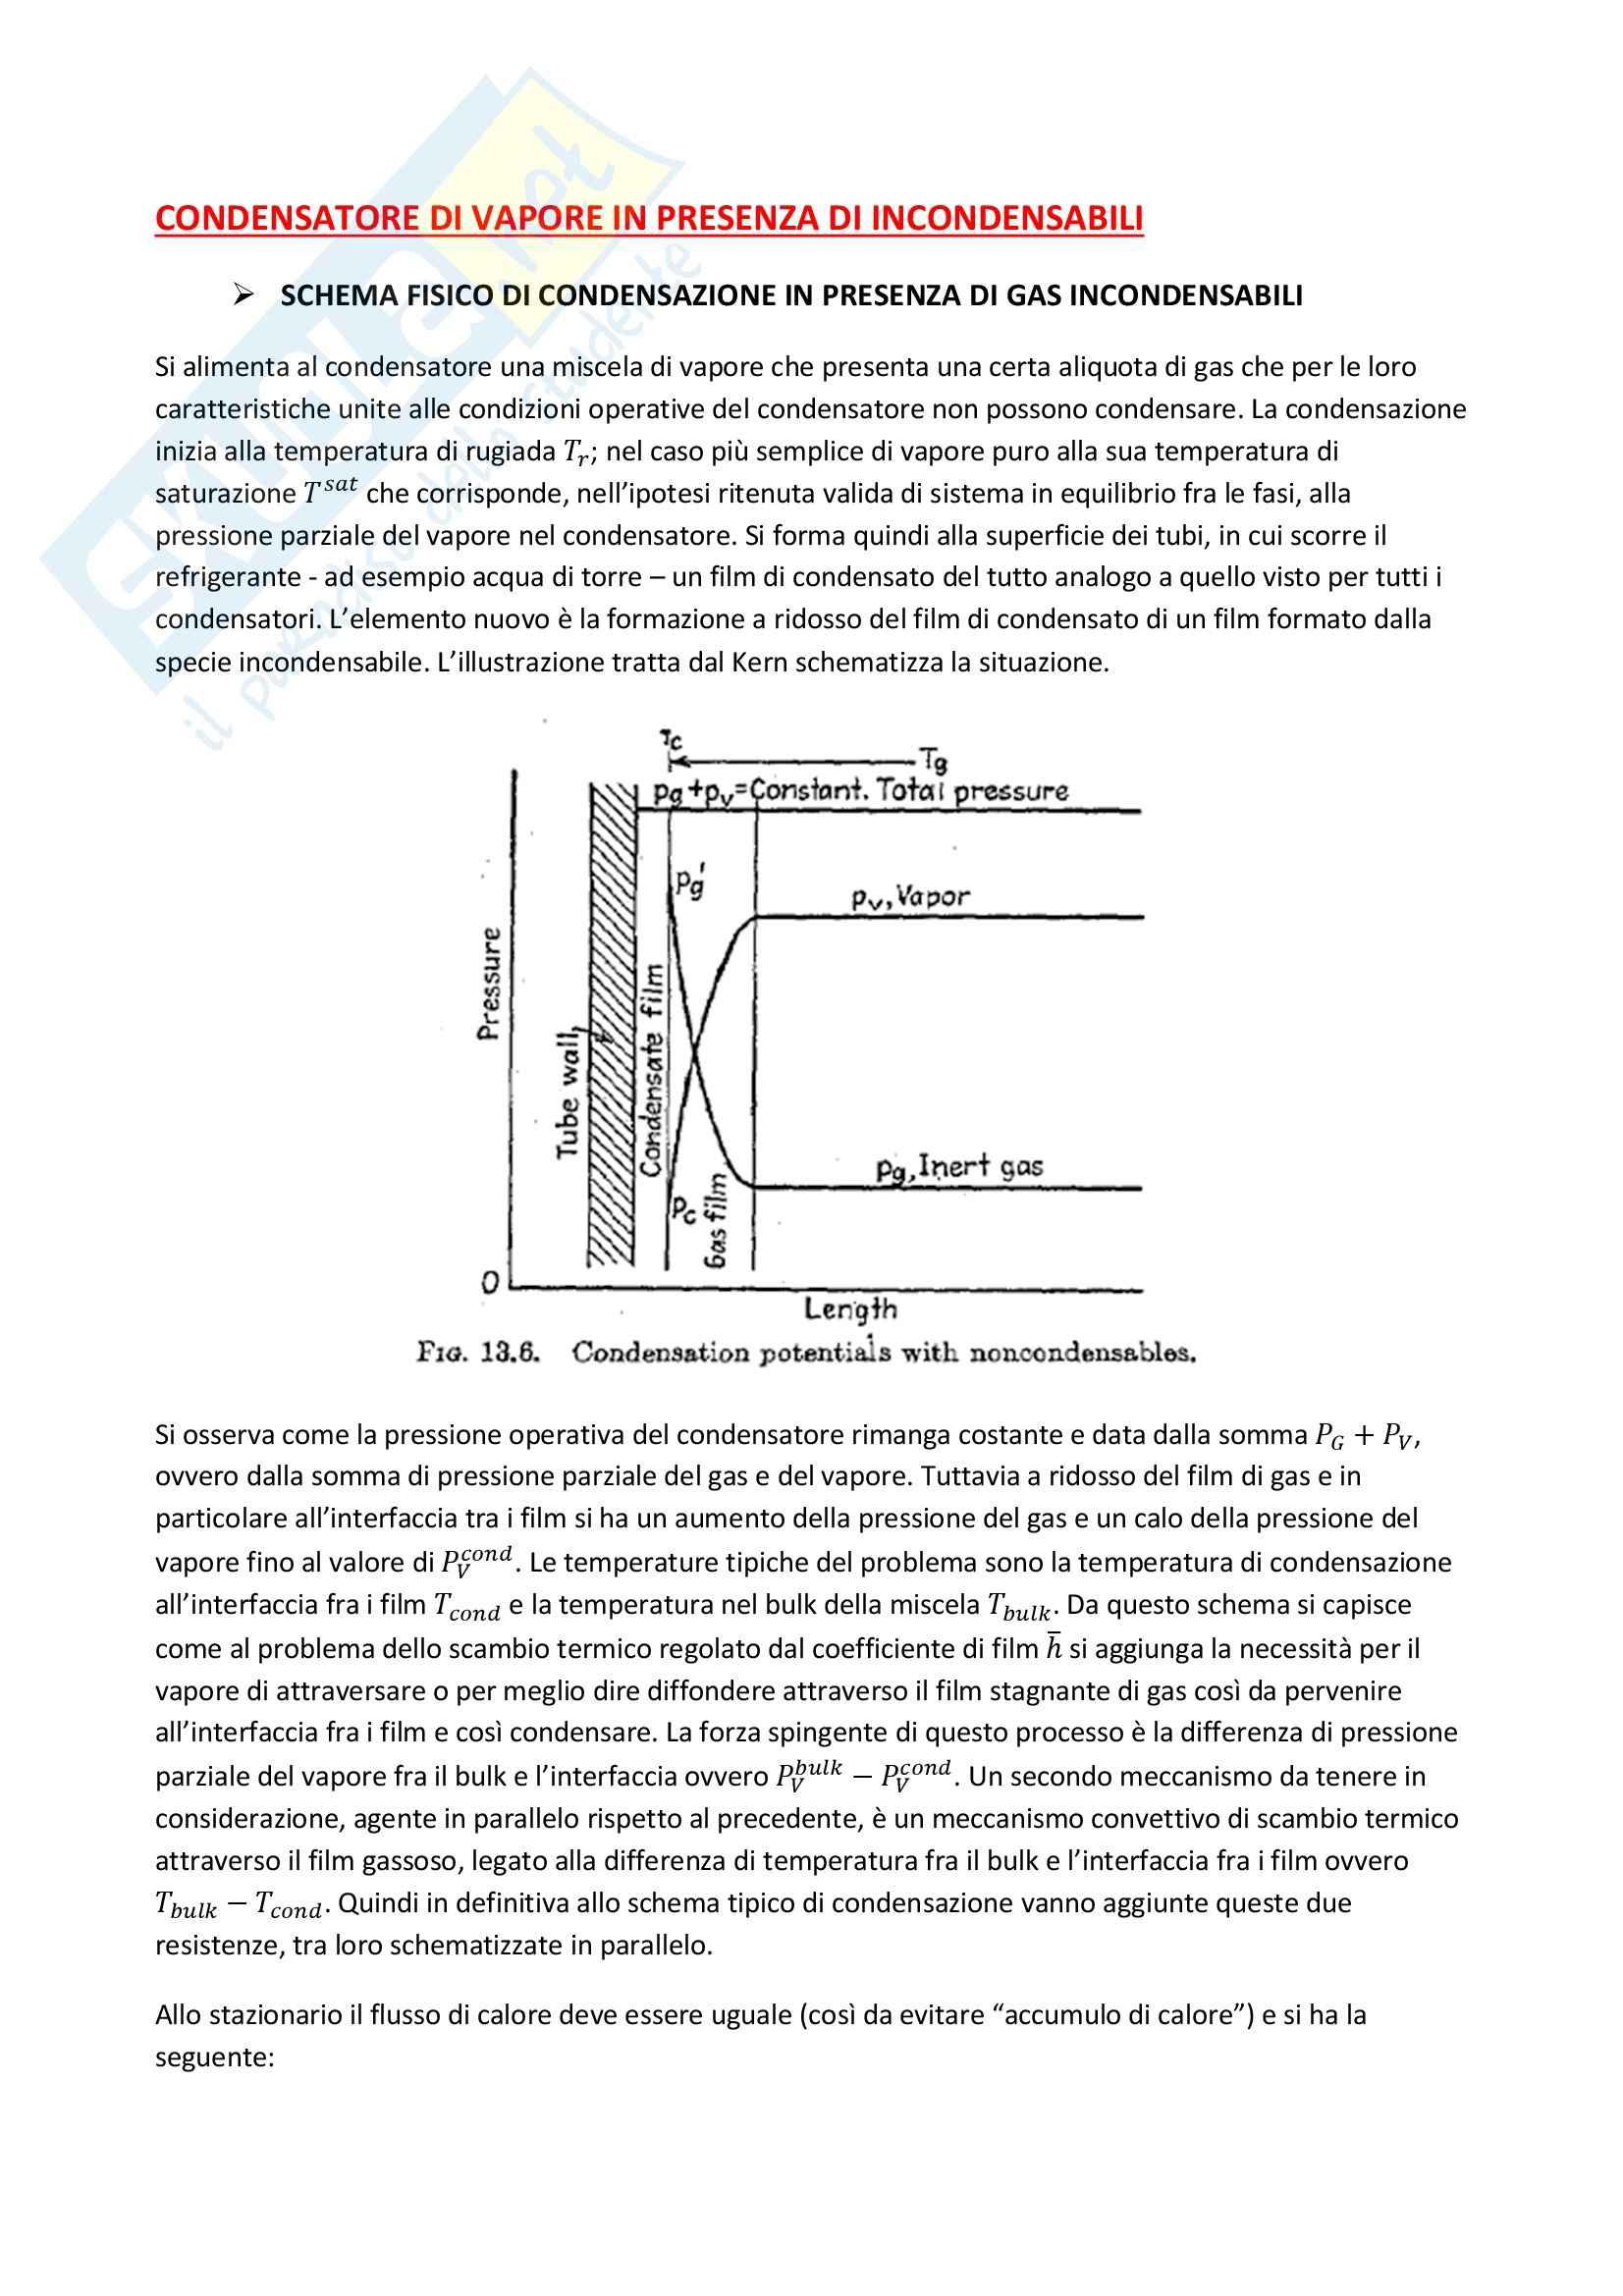 Condensatore di vapore con incondensabili, Operazioni